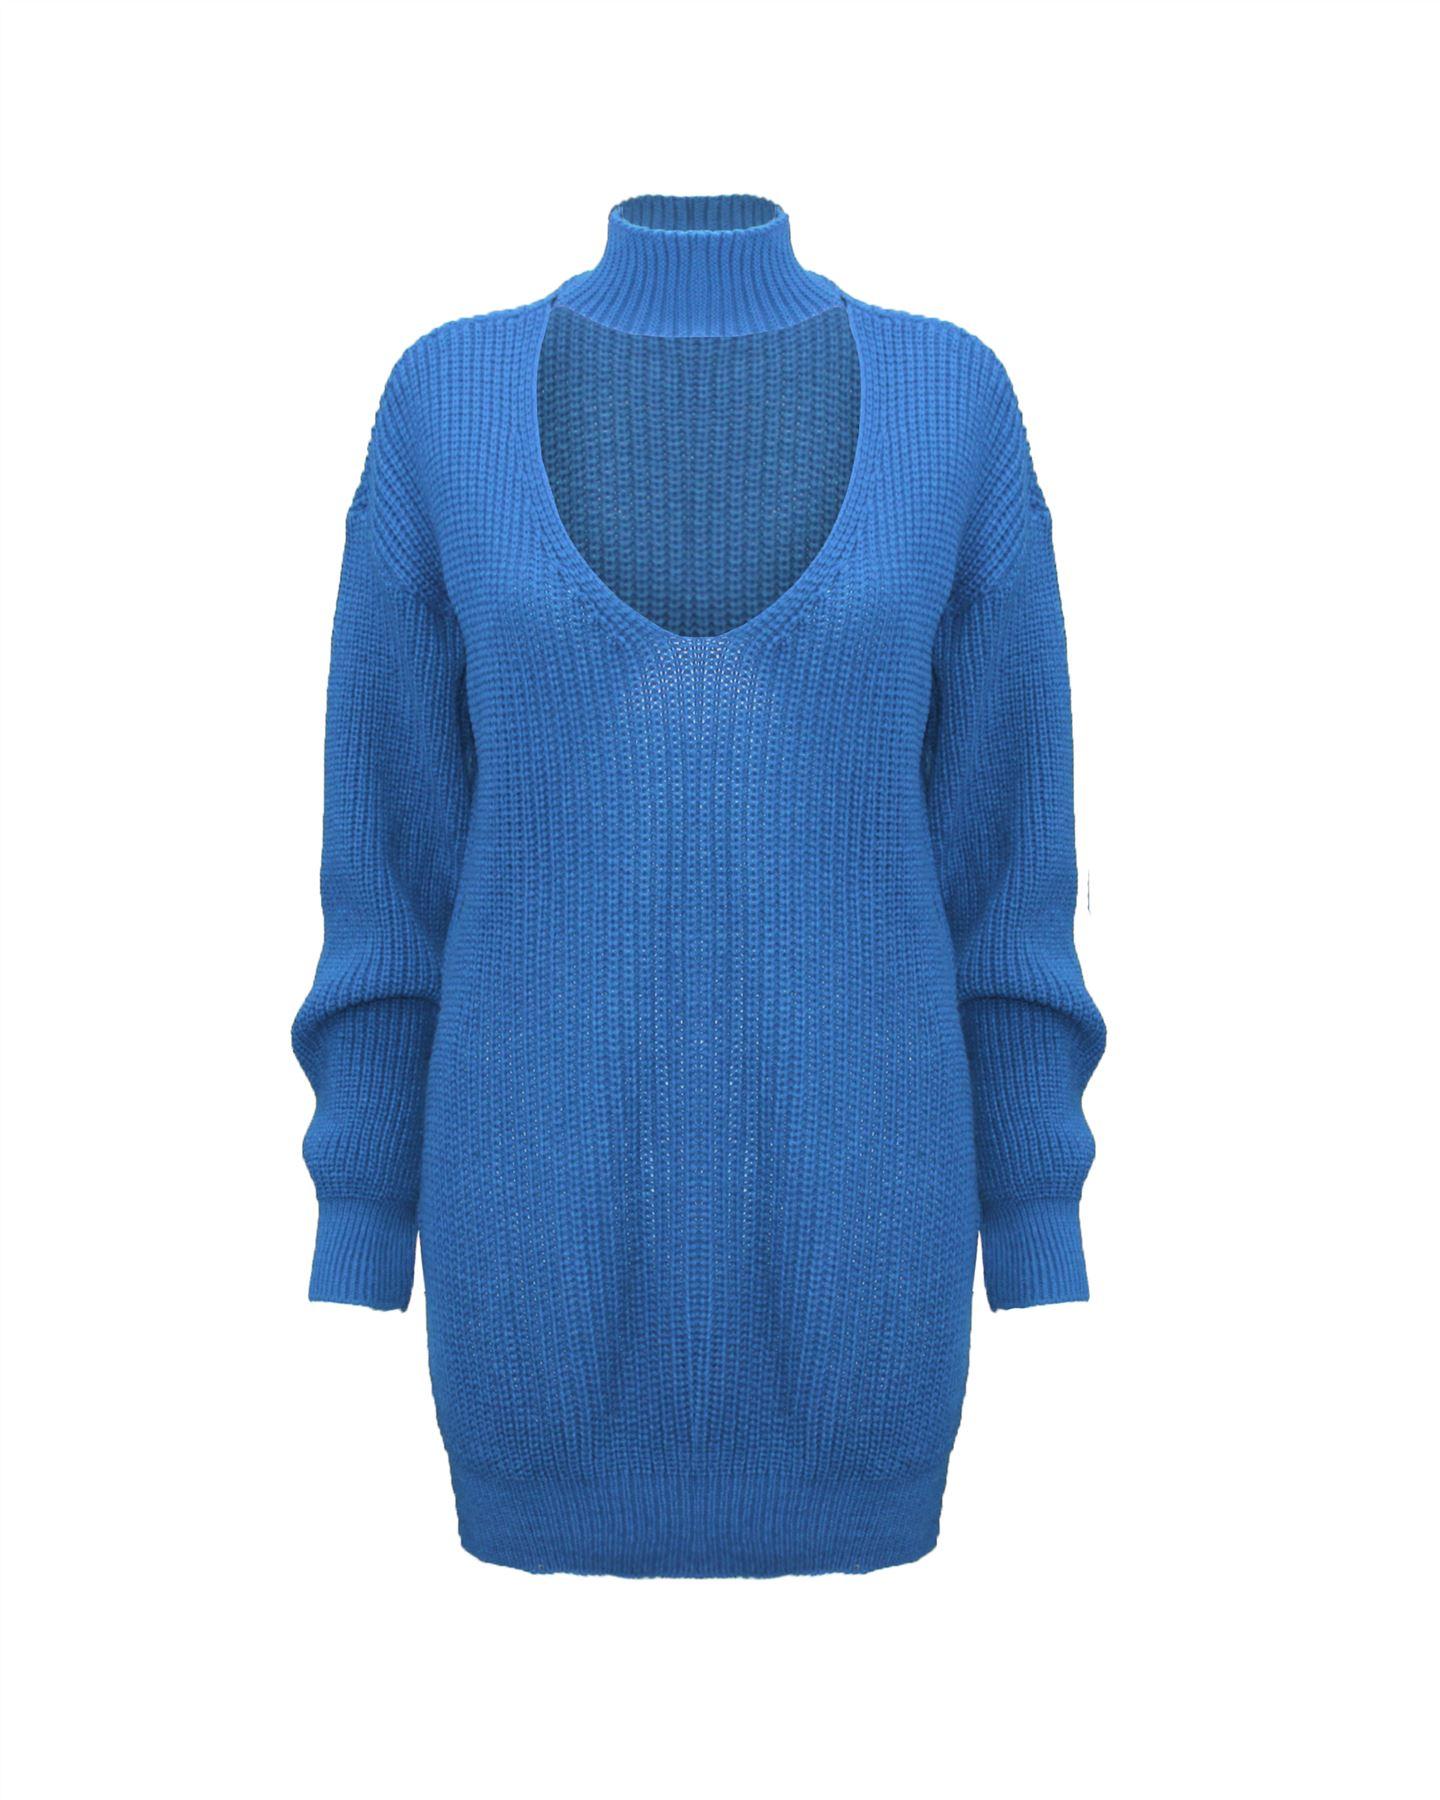 Le-donne-Donna-A-Maglia-Girocollo-Maglione-a-trama-grossa-Collo-Top-Baggy-Over-dimensionati-sweater miniatura 10